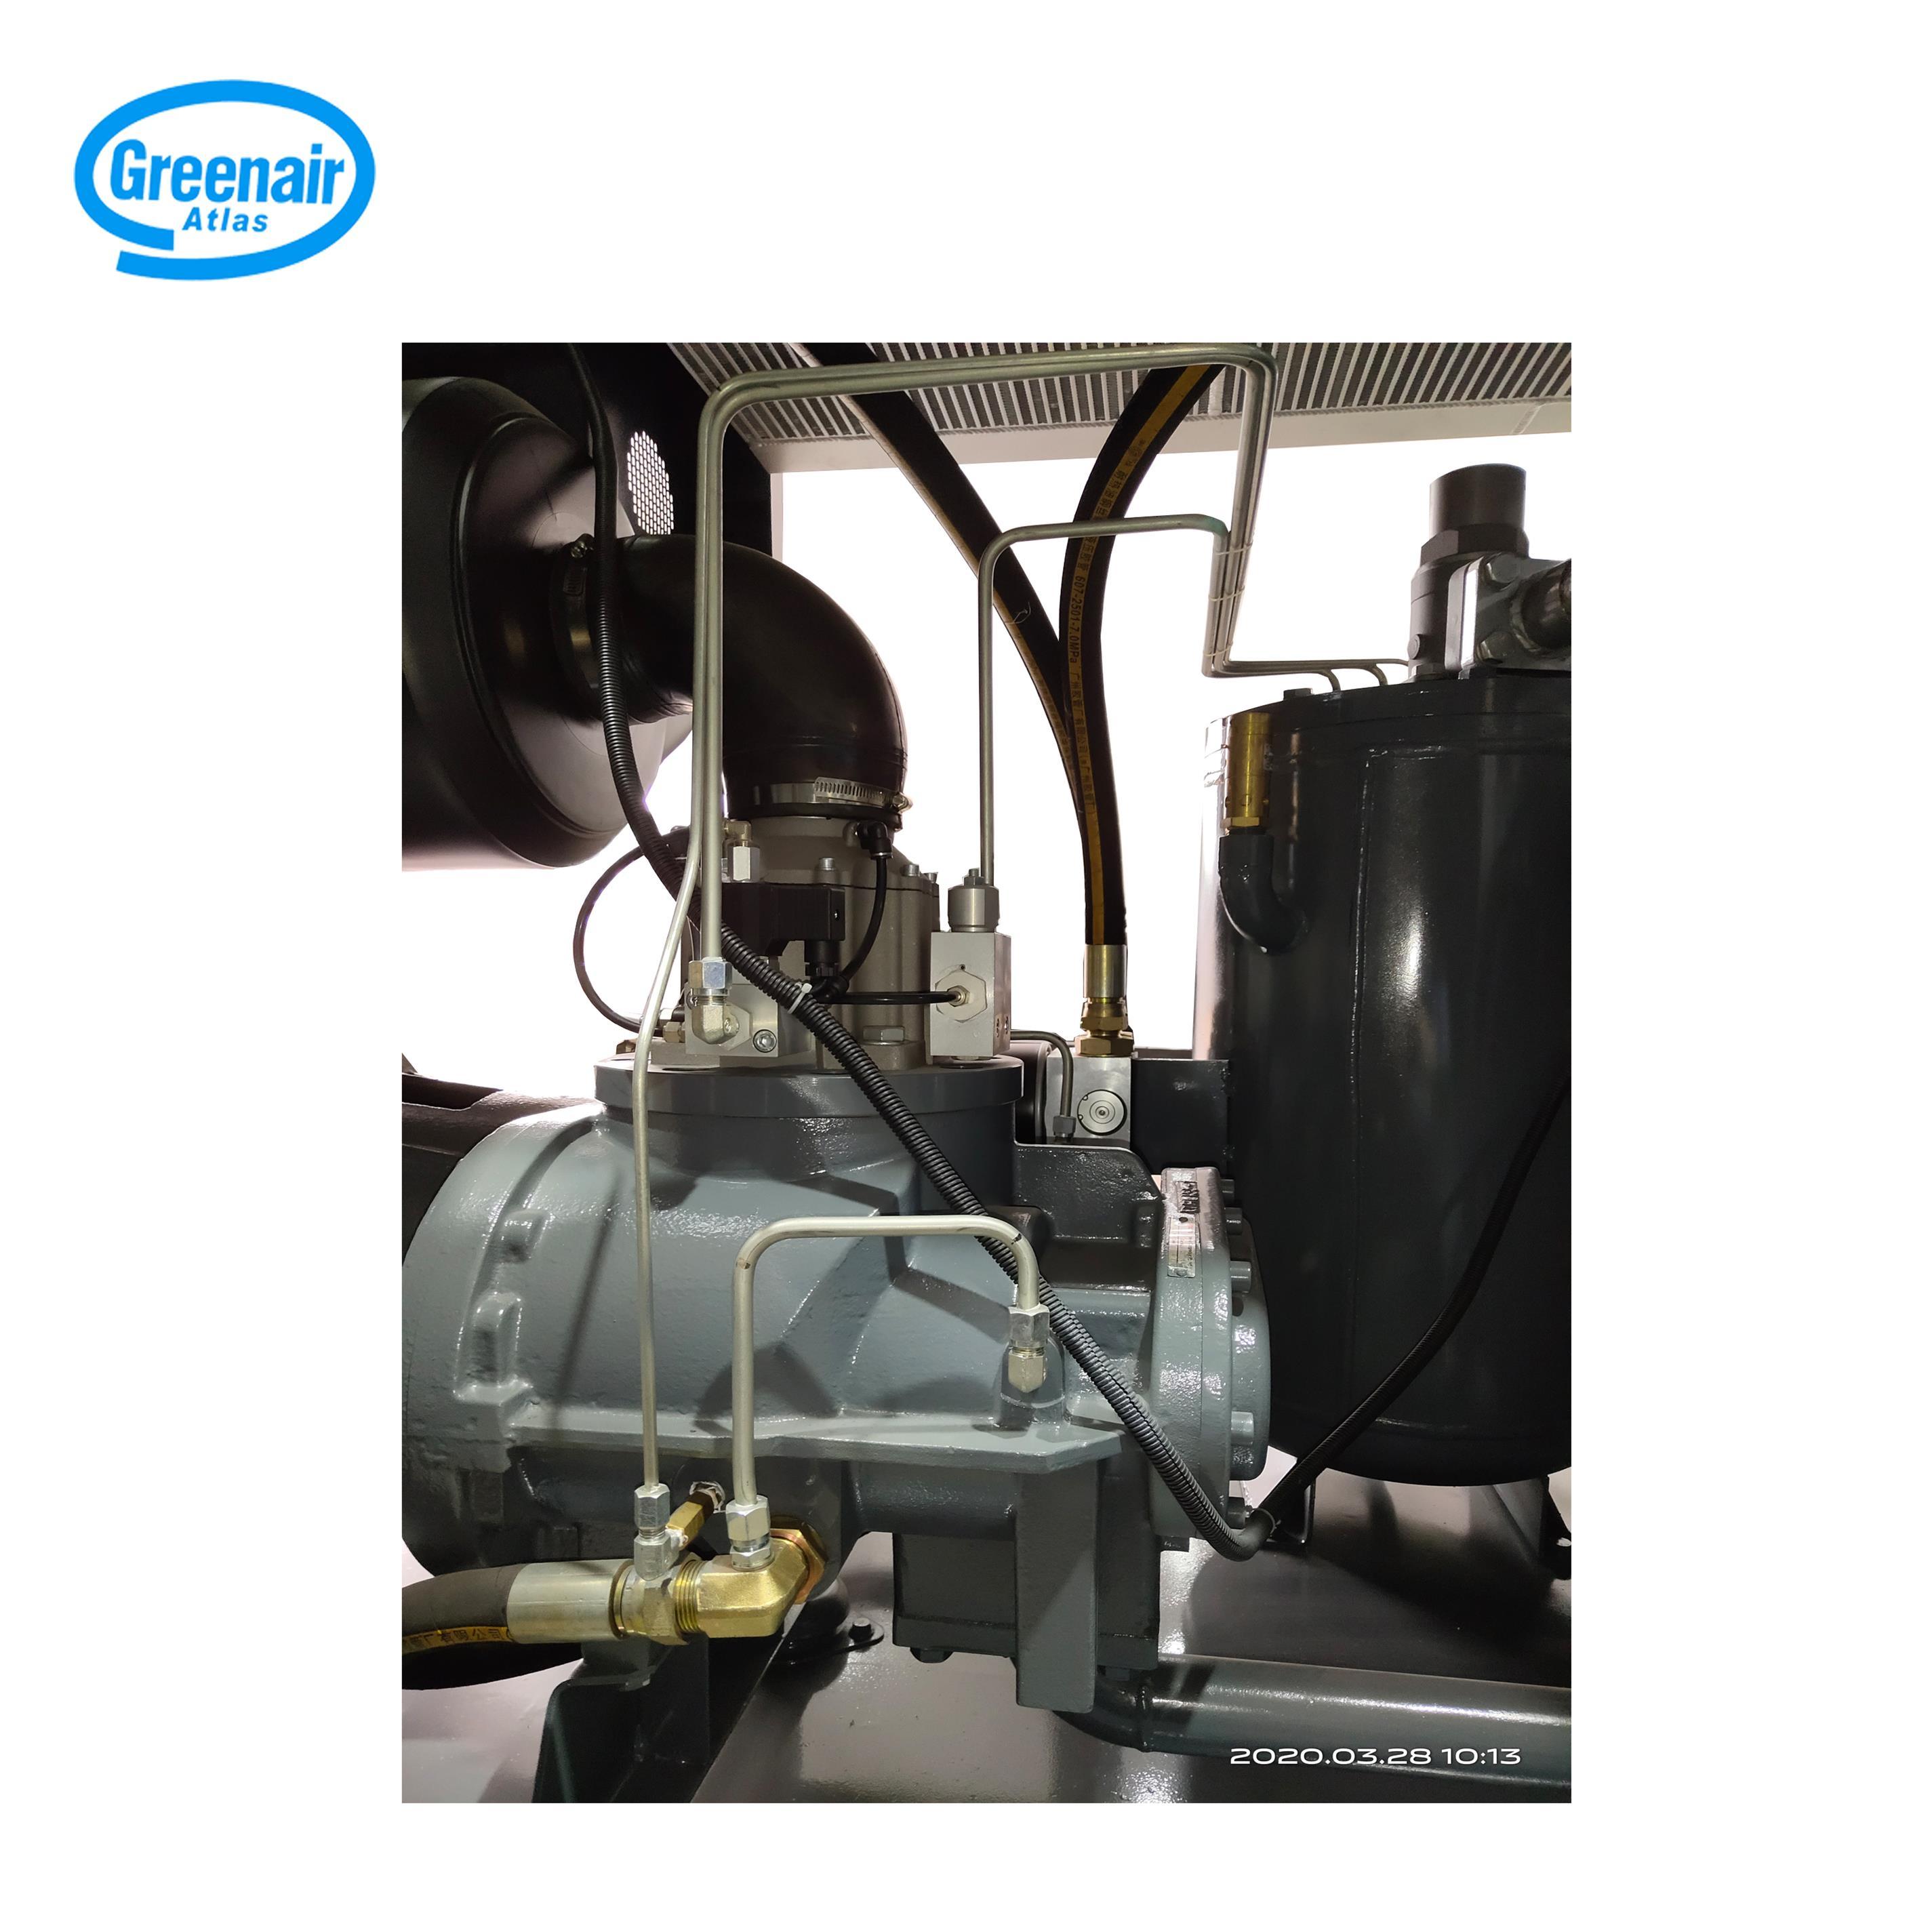 Atlas Greenair Screw Air Compressor best atlas copco screw compressor for busniess for tropical area-2